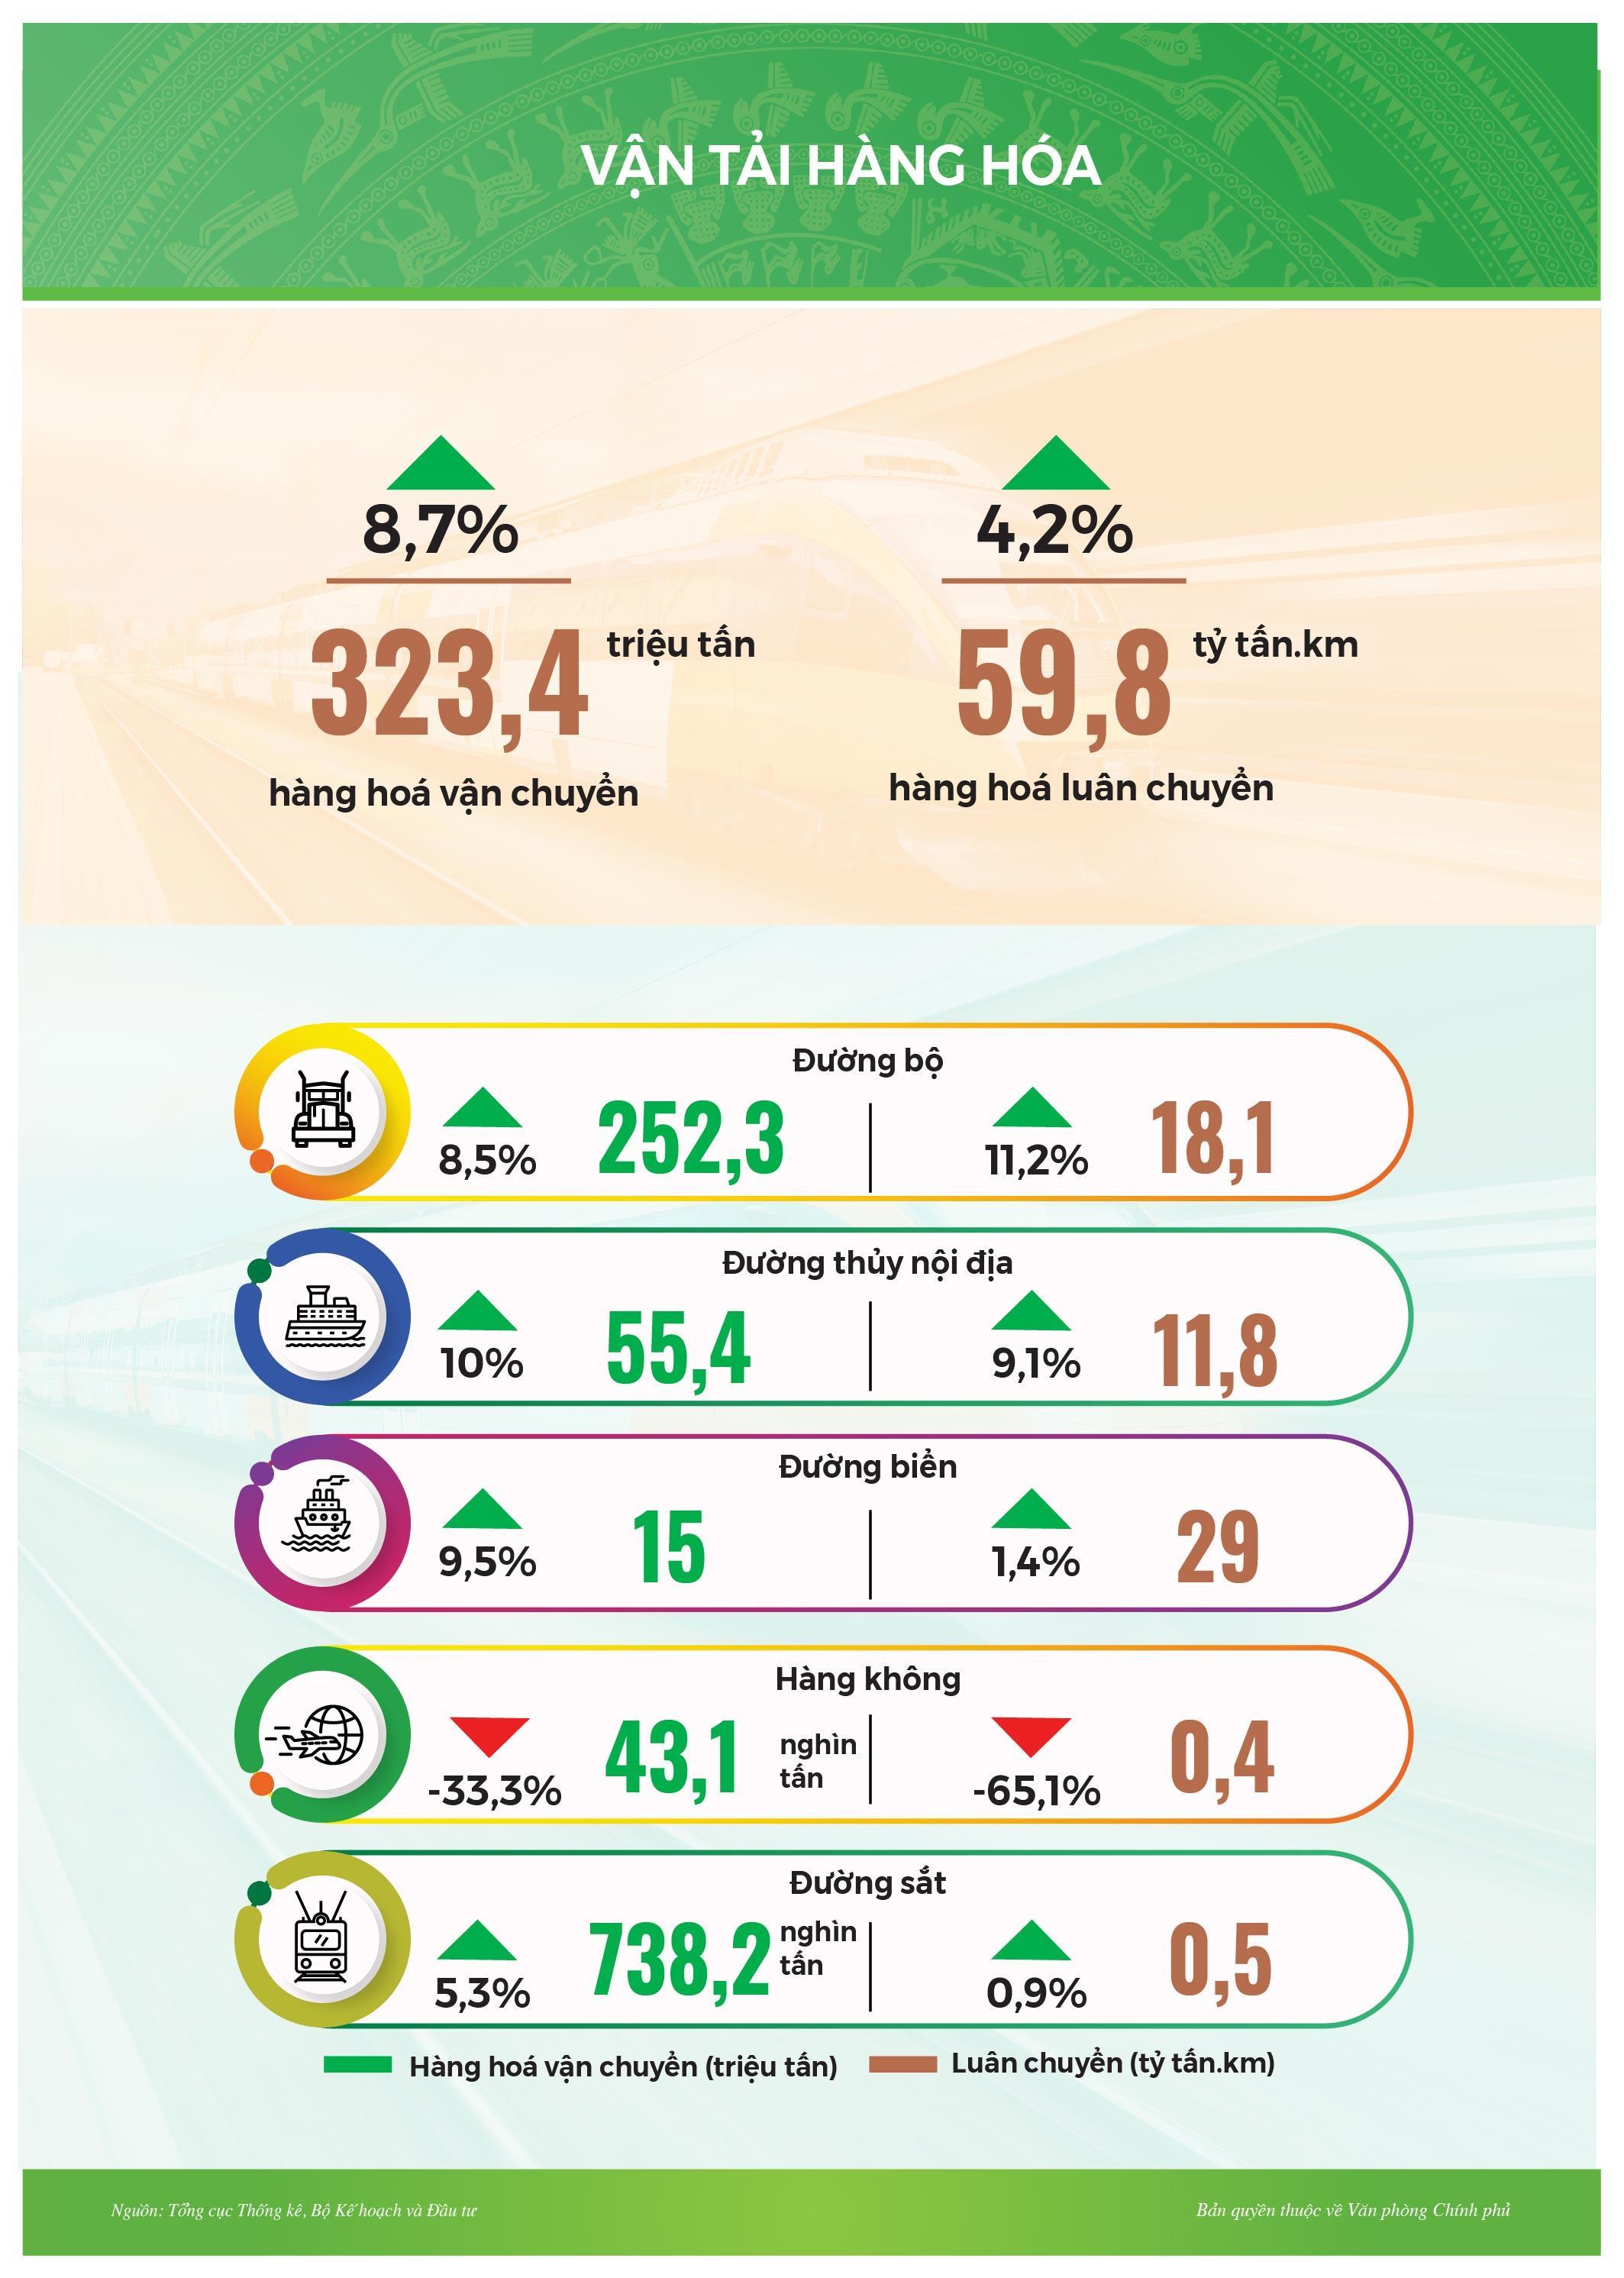 Infographic: Tình hình kinh tế-xã hội tháng 2/2021 Ảnh 10